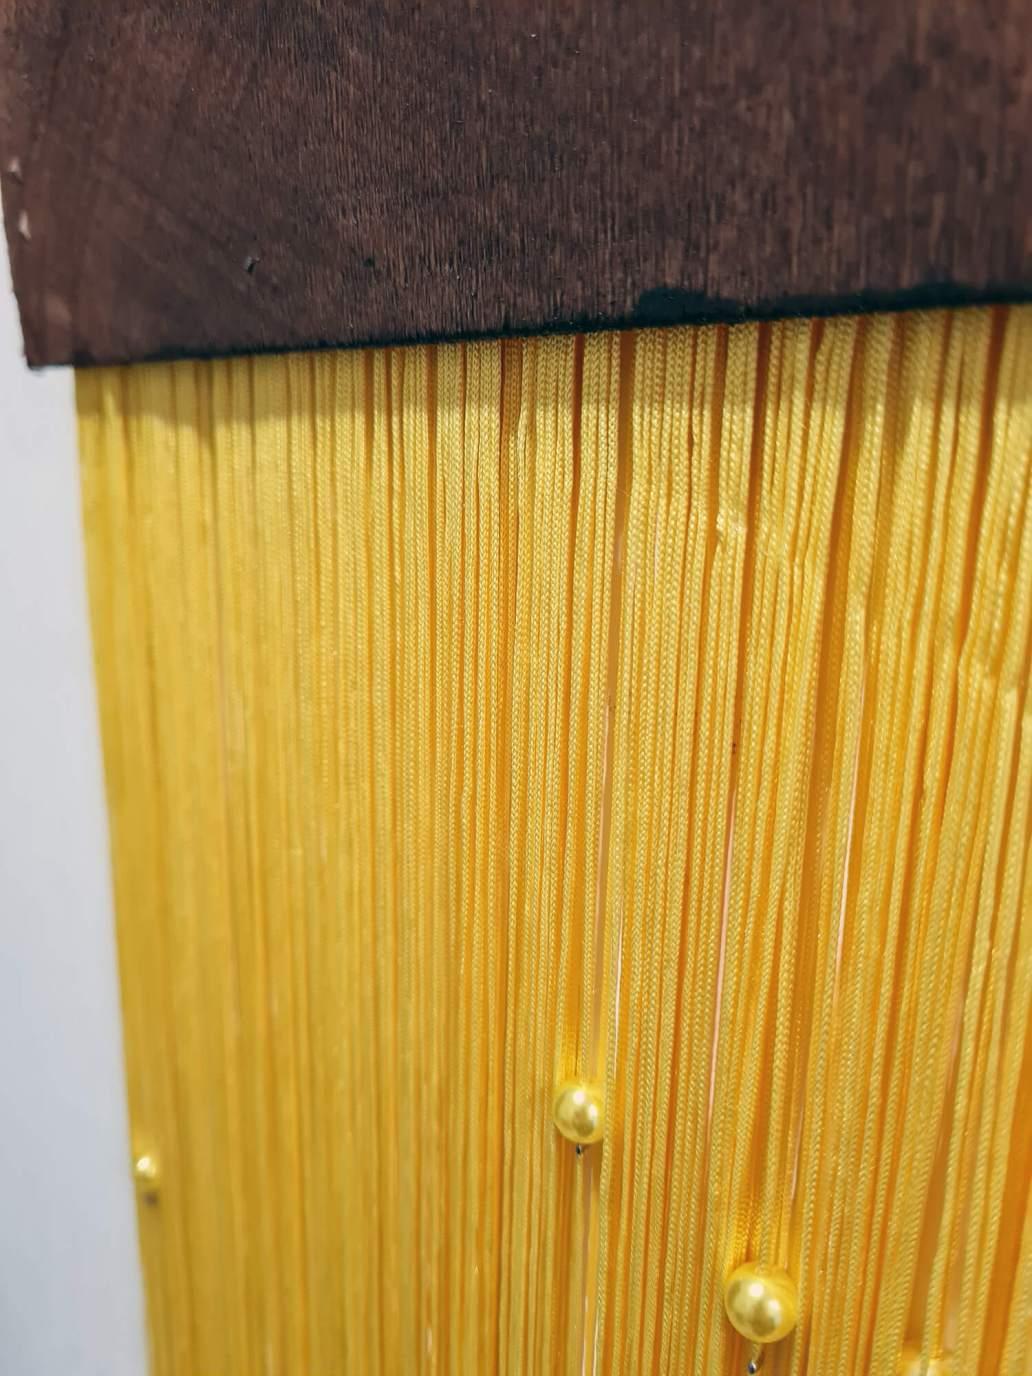 20210115 124115 - DIY : une déco bohème en bois pour sublimer les murs